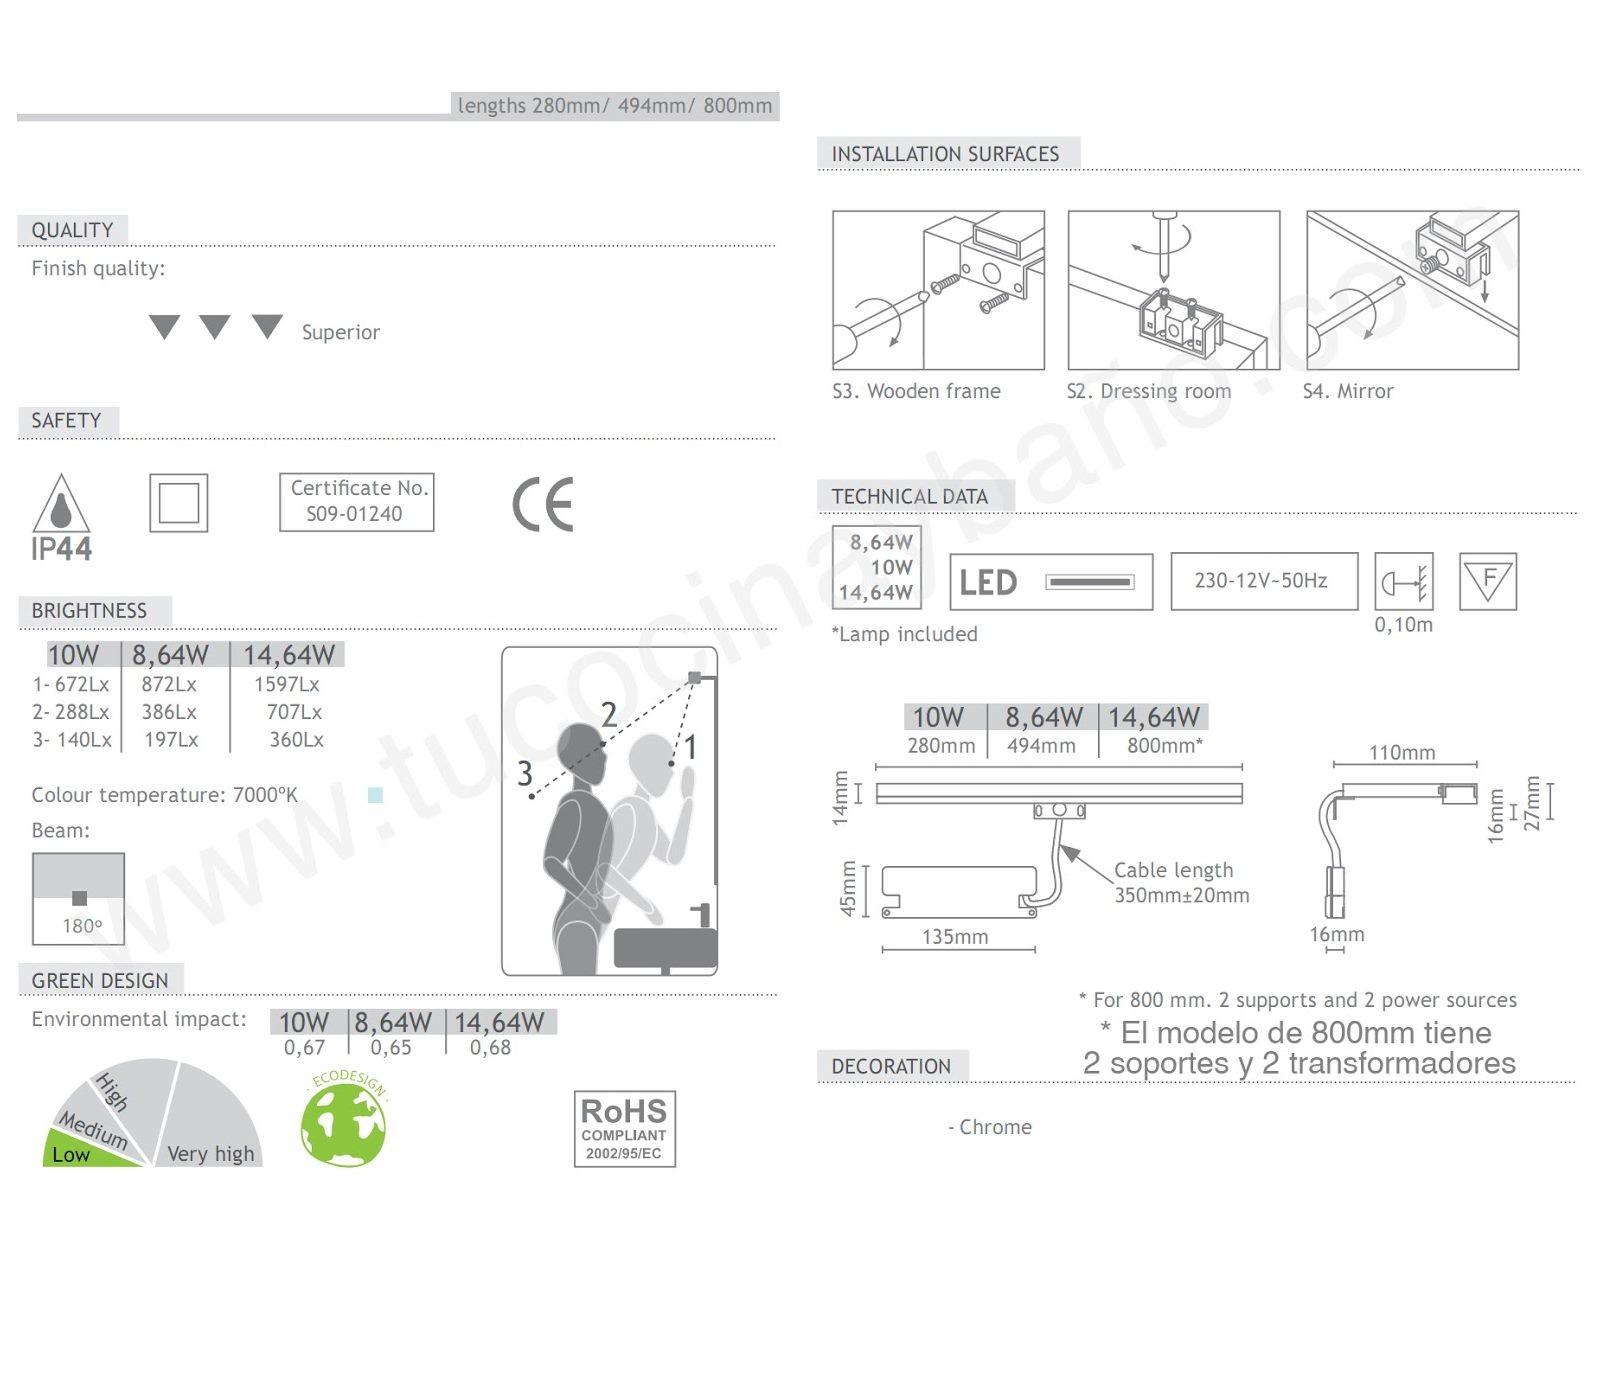 Iluminacion Baño Led:aplique-led-bano-esther-minerva-ficha-tecnica-bano-luz-iluminacion